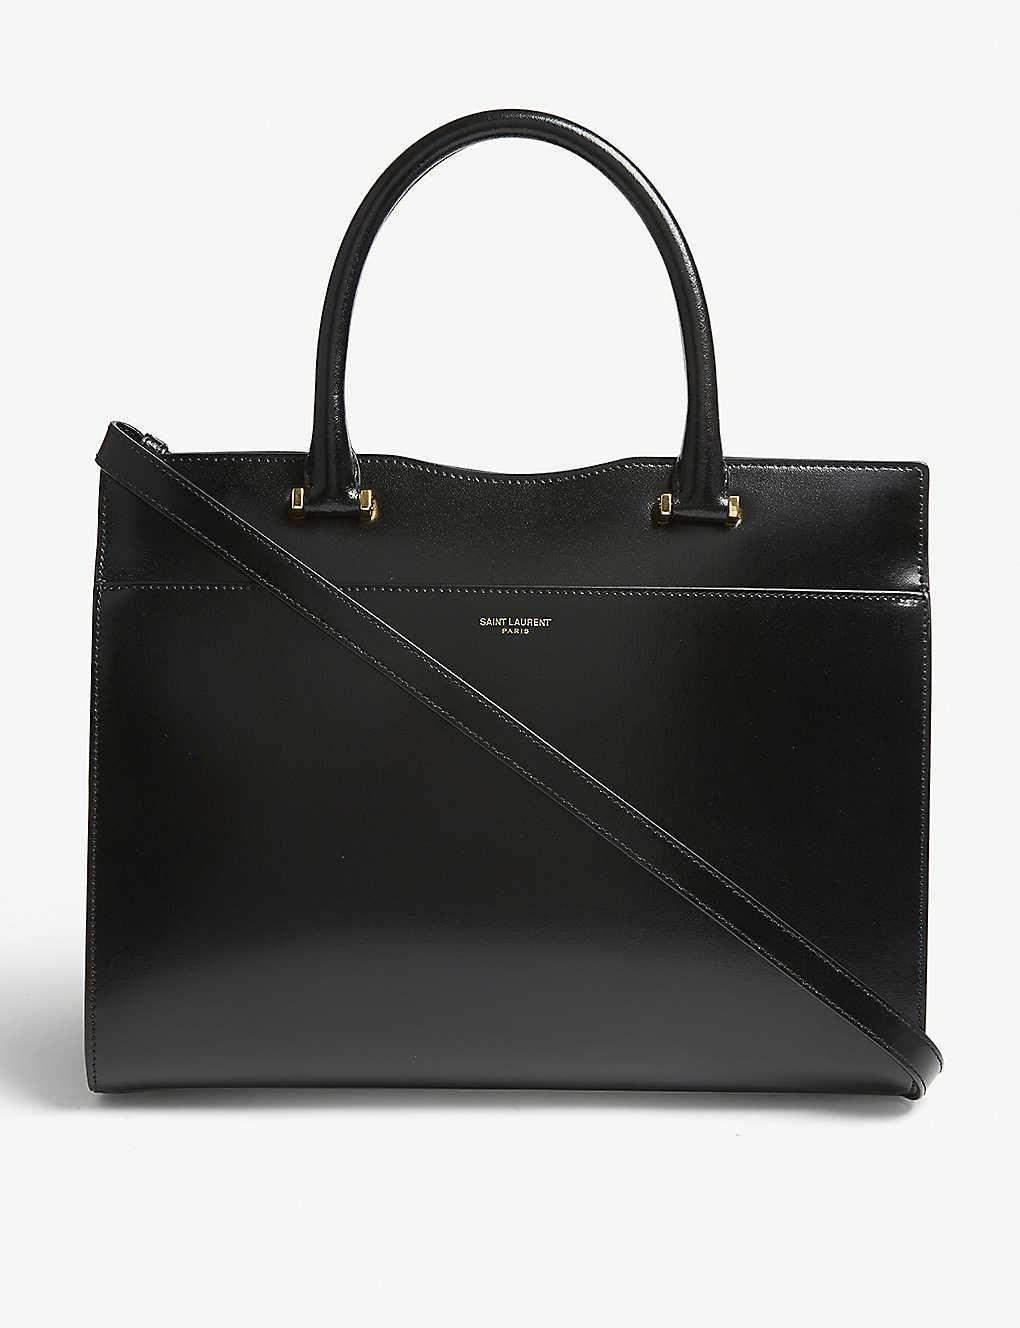 d7cd80fec7c SAINT LAURENT - Uptown tote bag | Selfridges.com